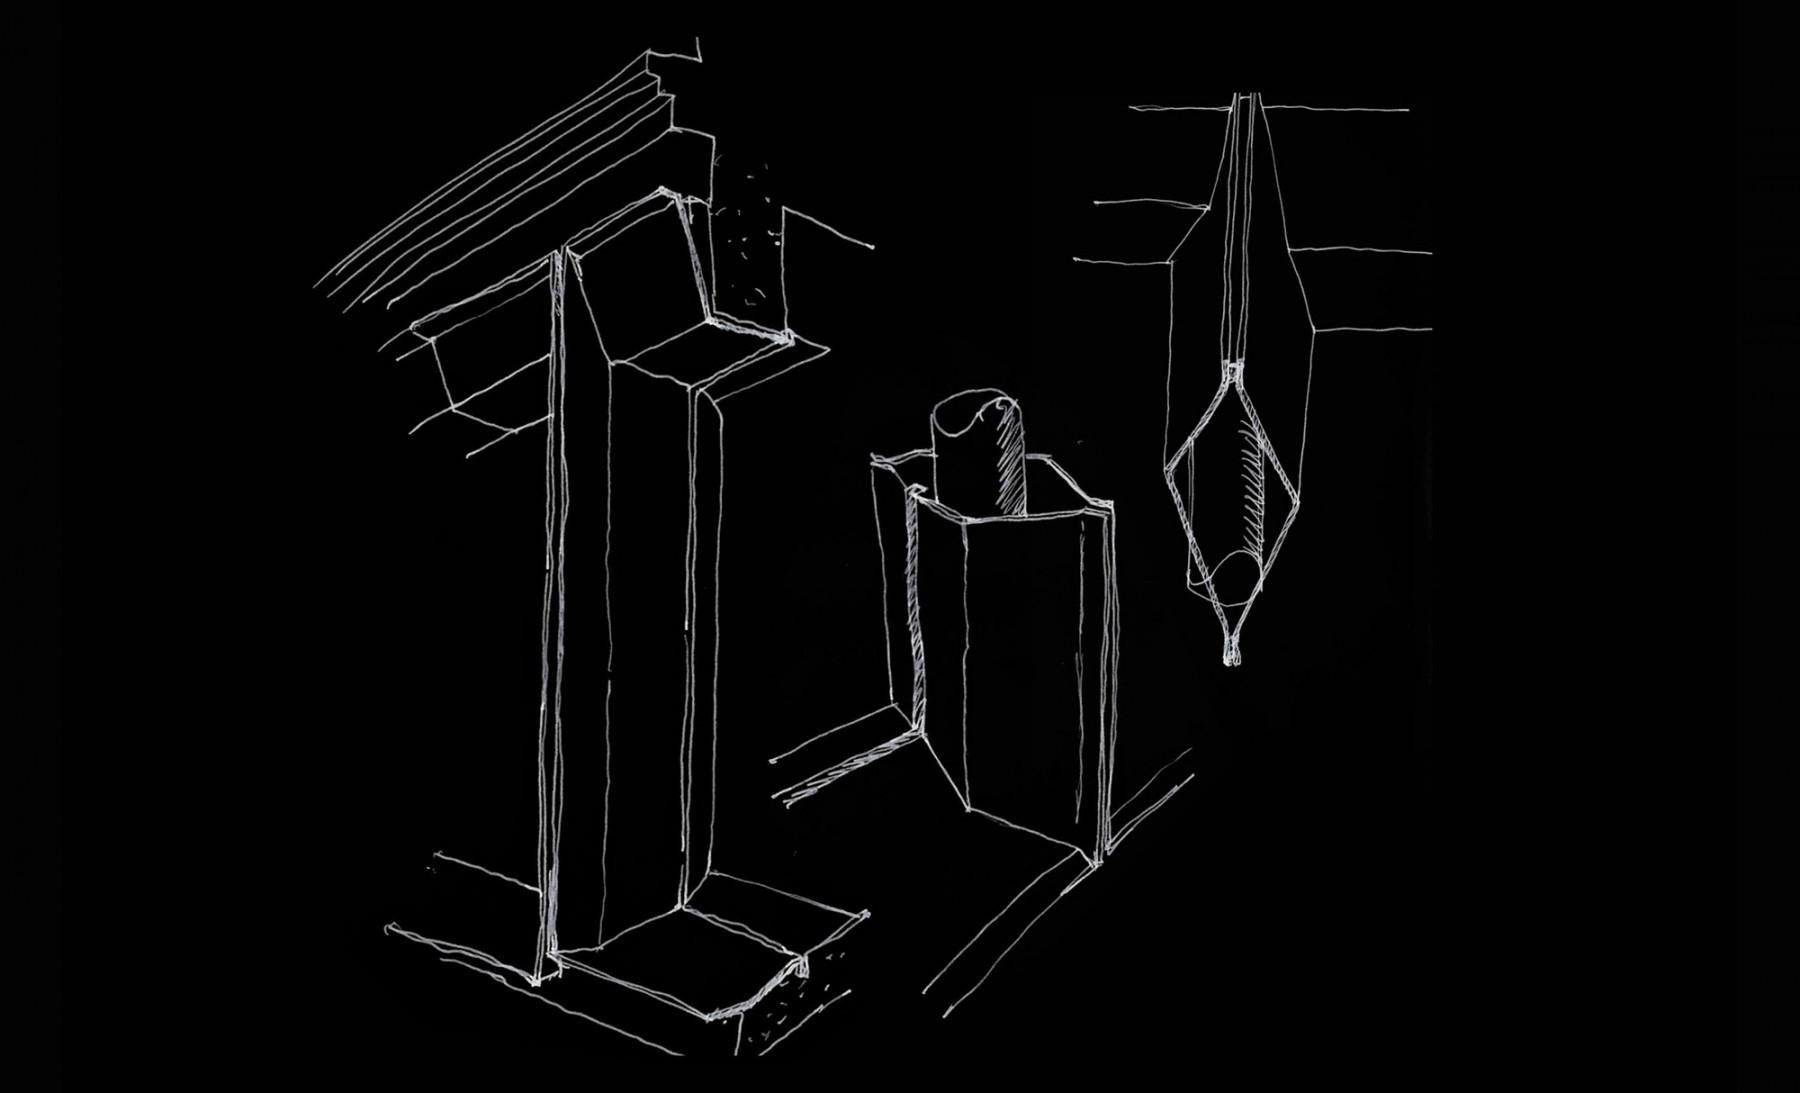 Jamie-Fobert-Architects- les-cours-du-BHV- rue-des-archives - sketch